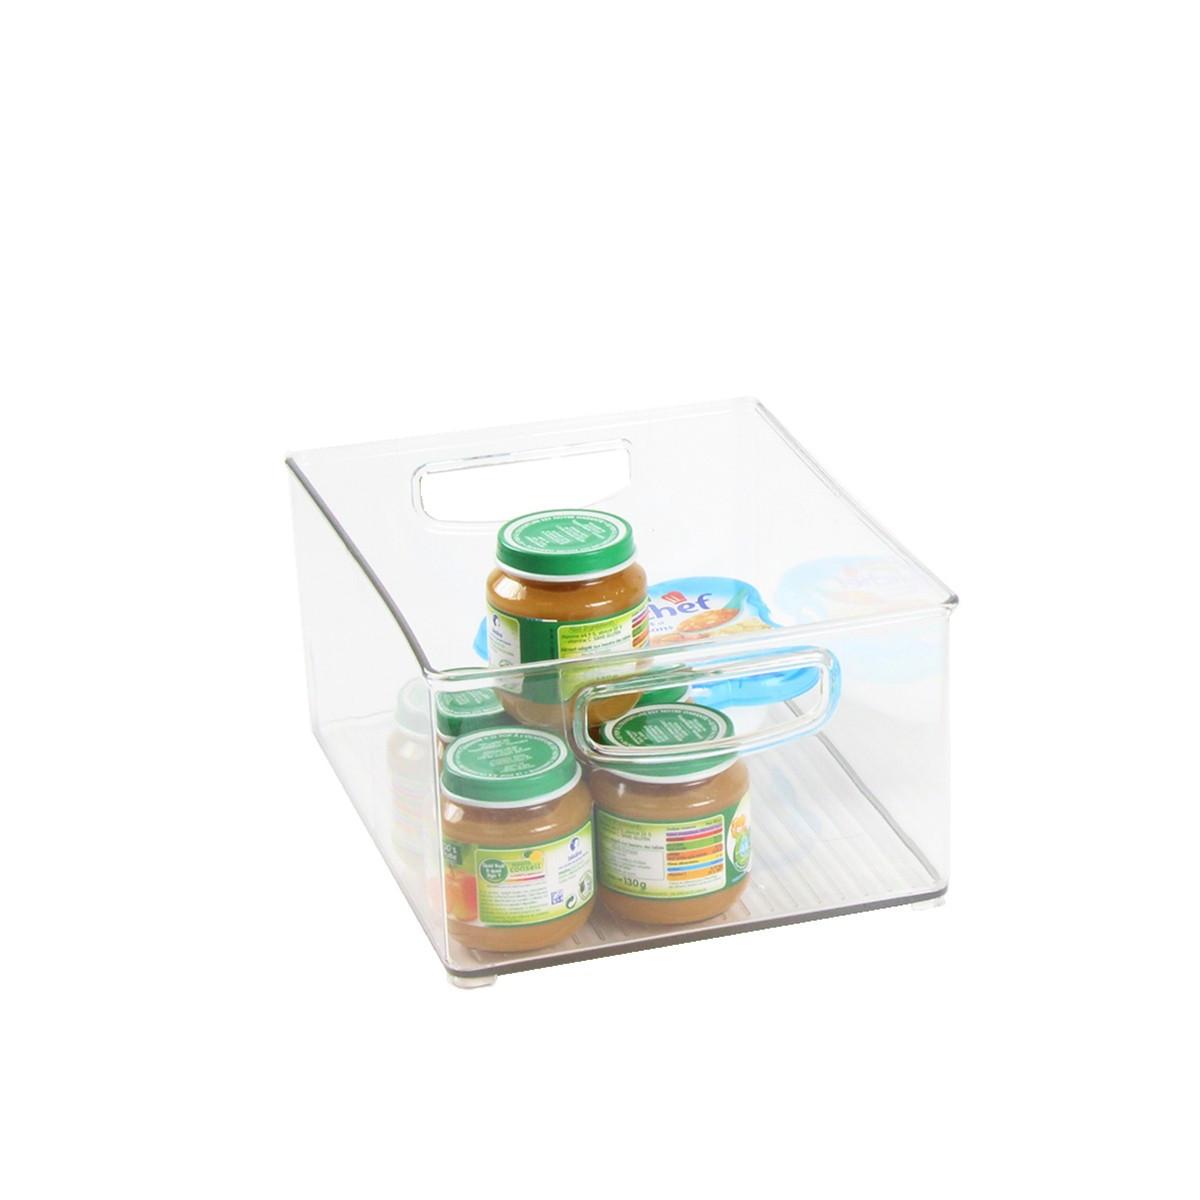 Bac haut pour placard rangement cuisine - Placard de cuisine haut ...